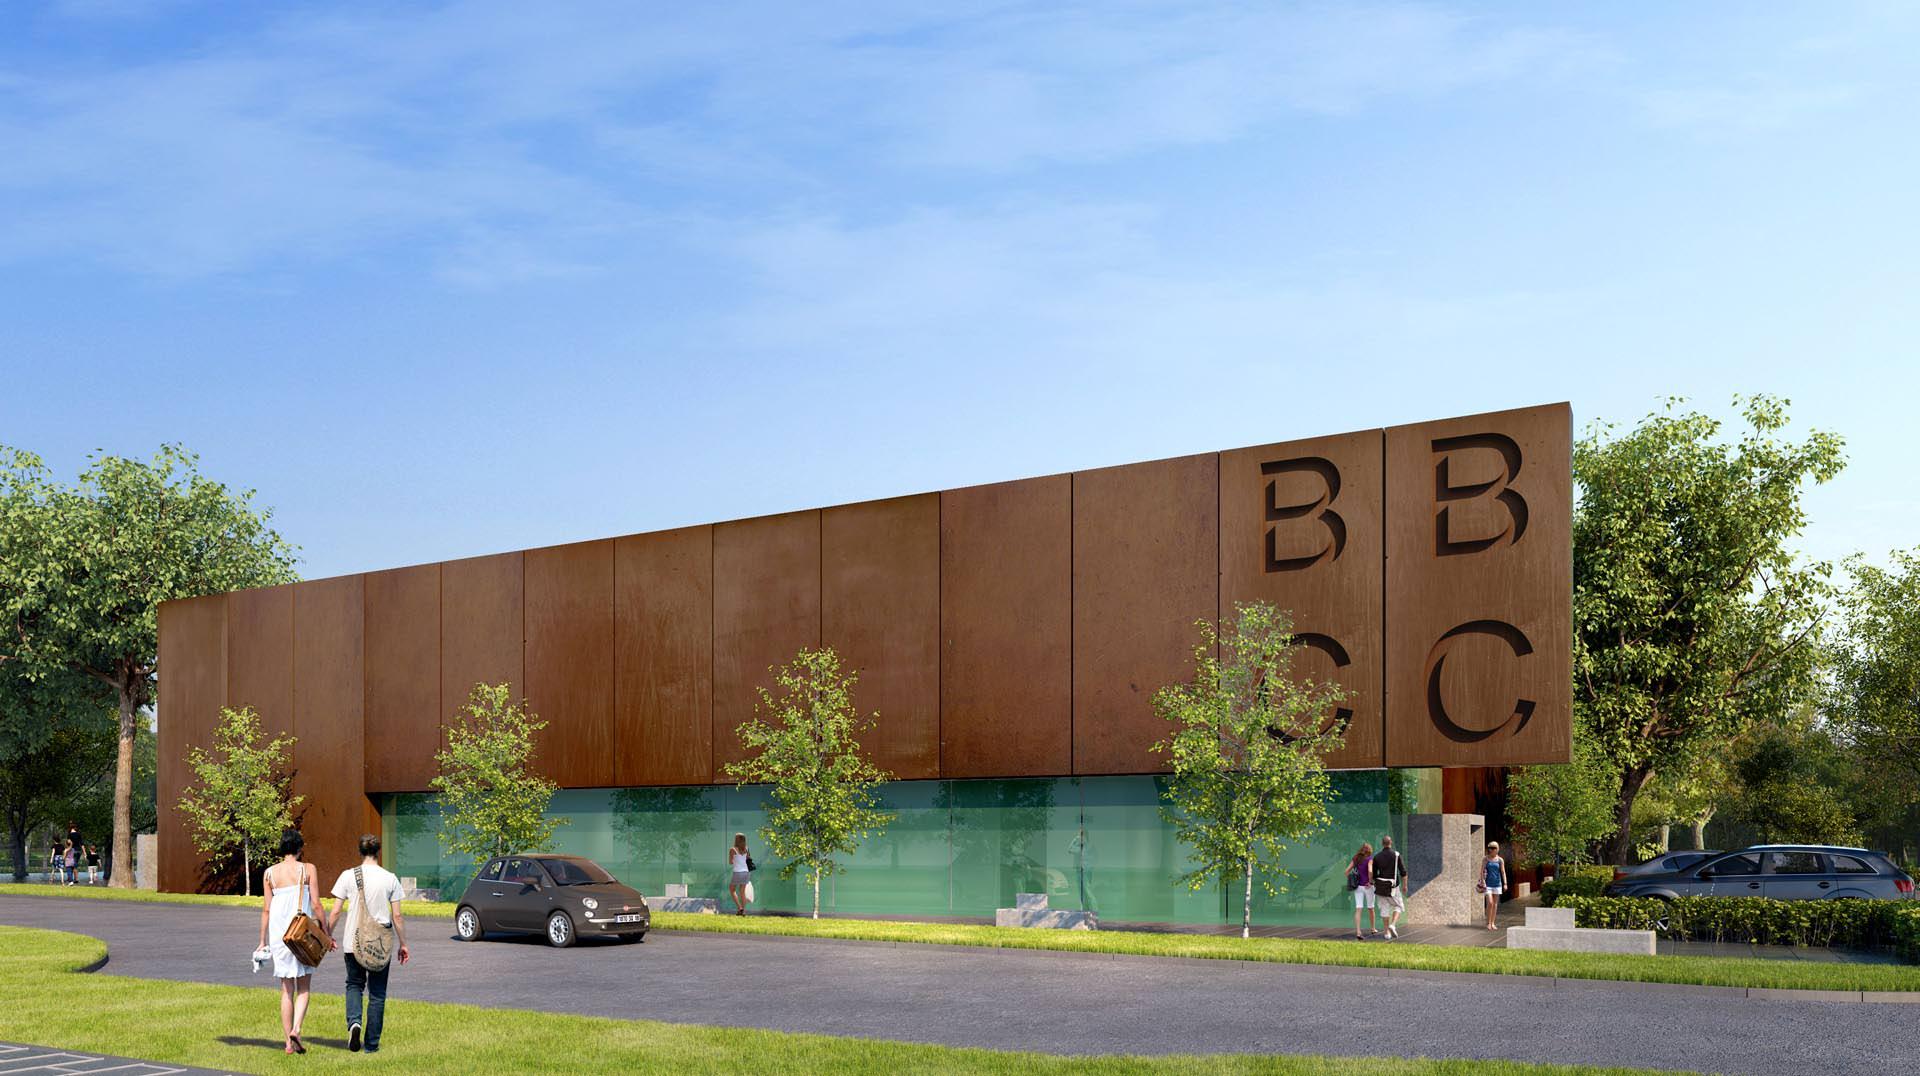 badminton centre front facade